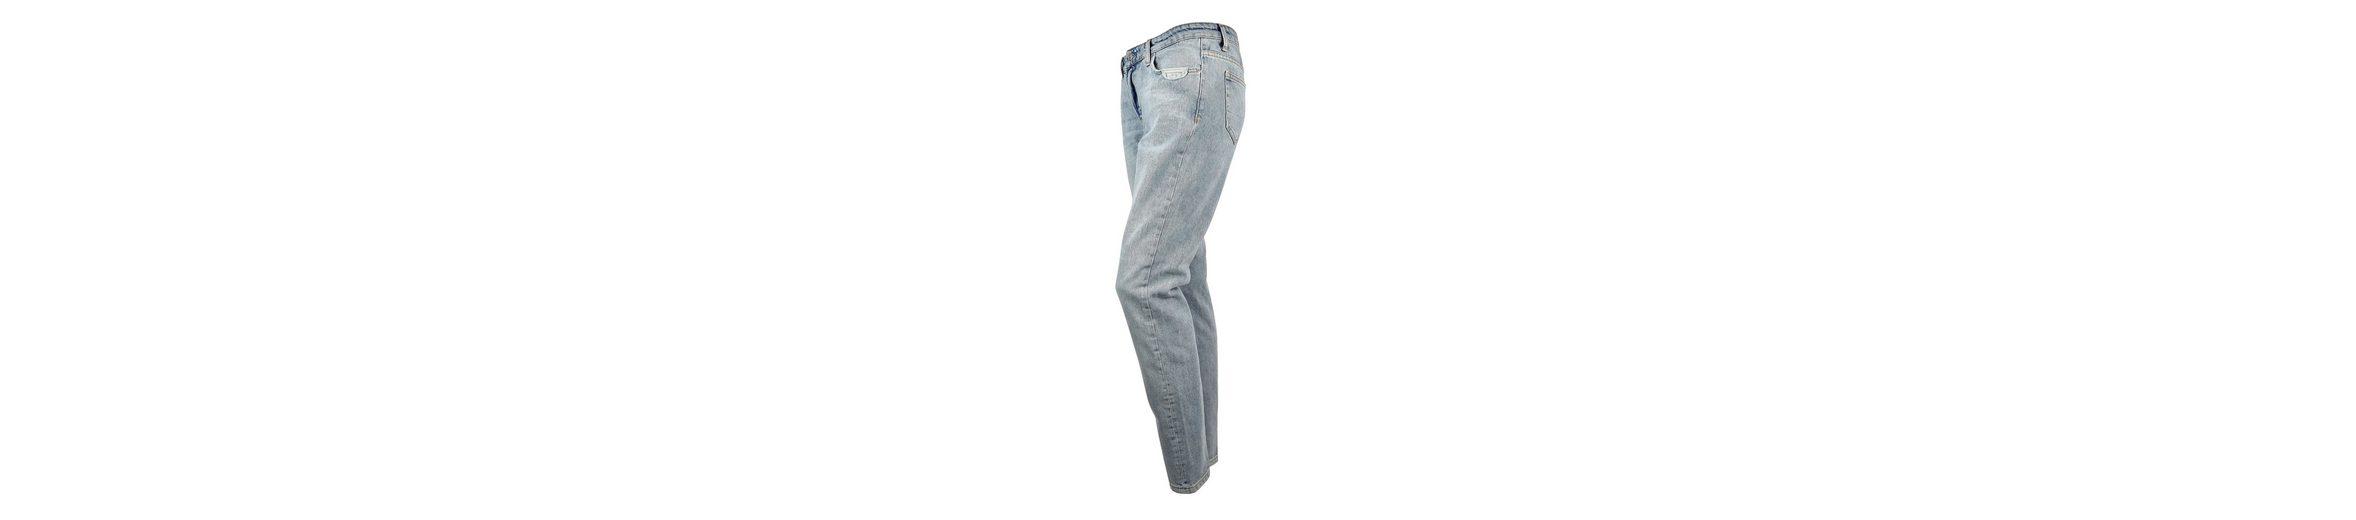 Besuch Ebay Günstiger Preis Pepe Jeans Jeans 'HEIDI' Tapered Denim Outlet Günstigen Preisen a9qt14lD